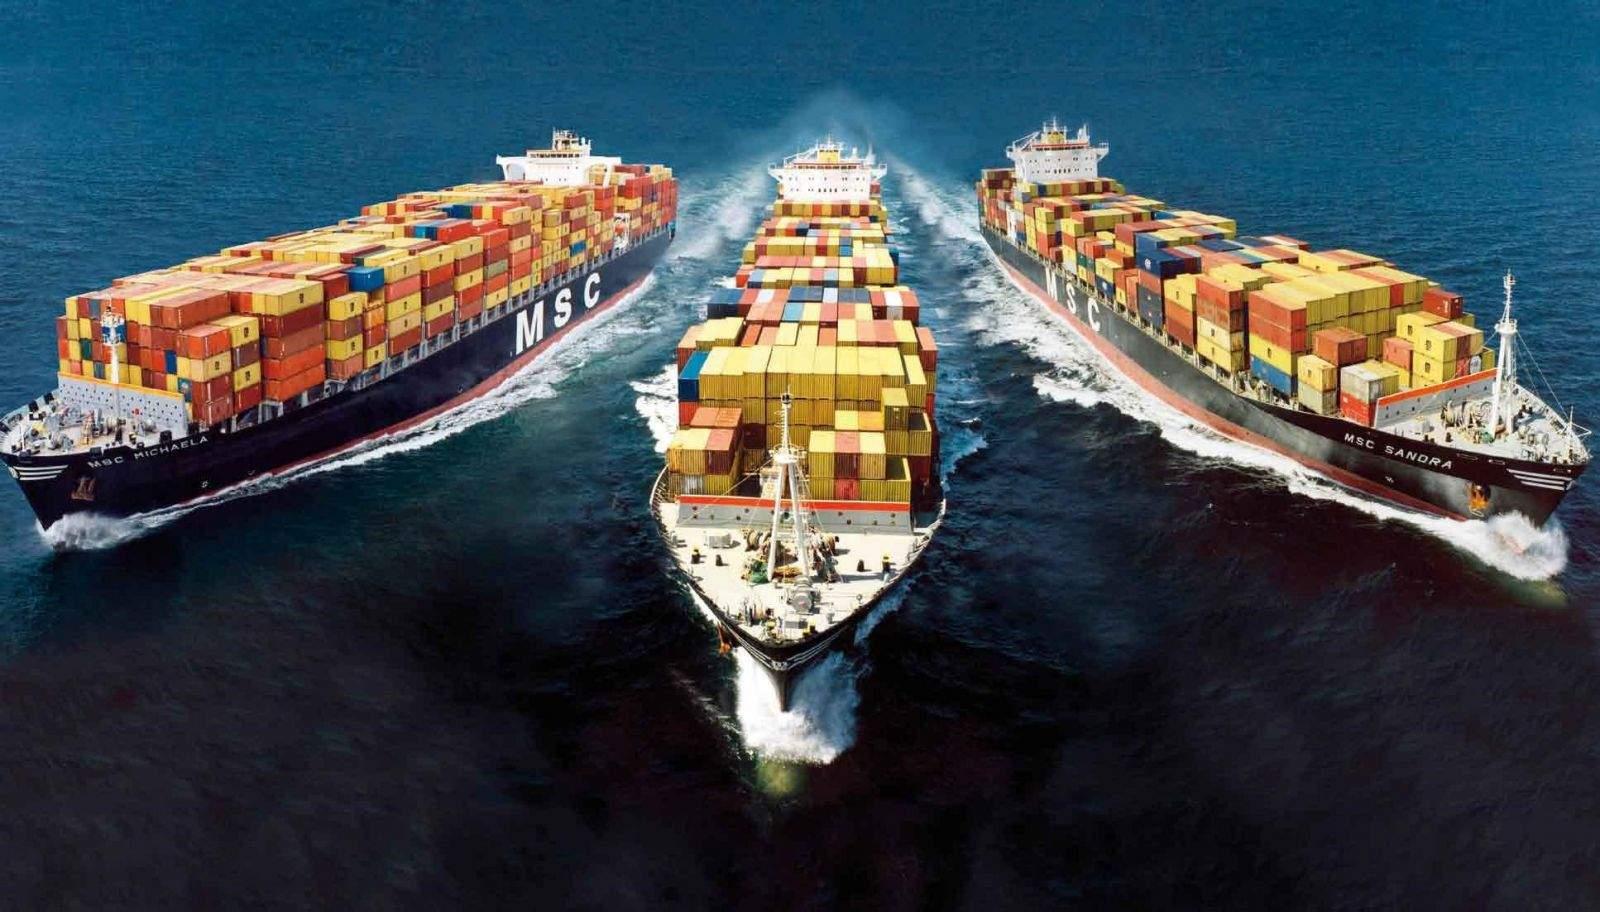 Hiện nay rất nhiều công ty bảo hiểm cung cấp bảo hiểm hàng hải